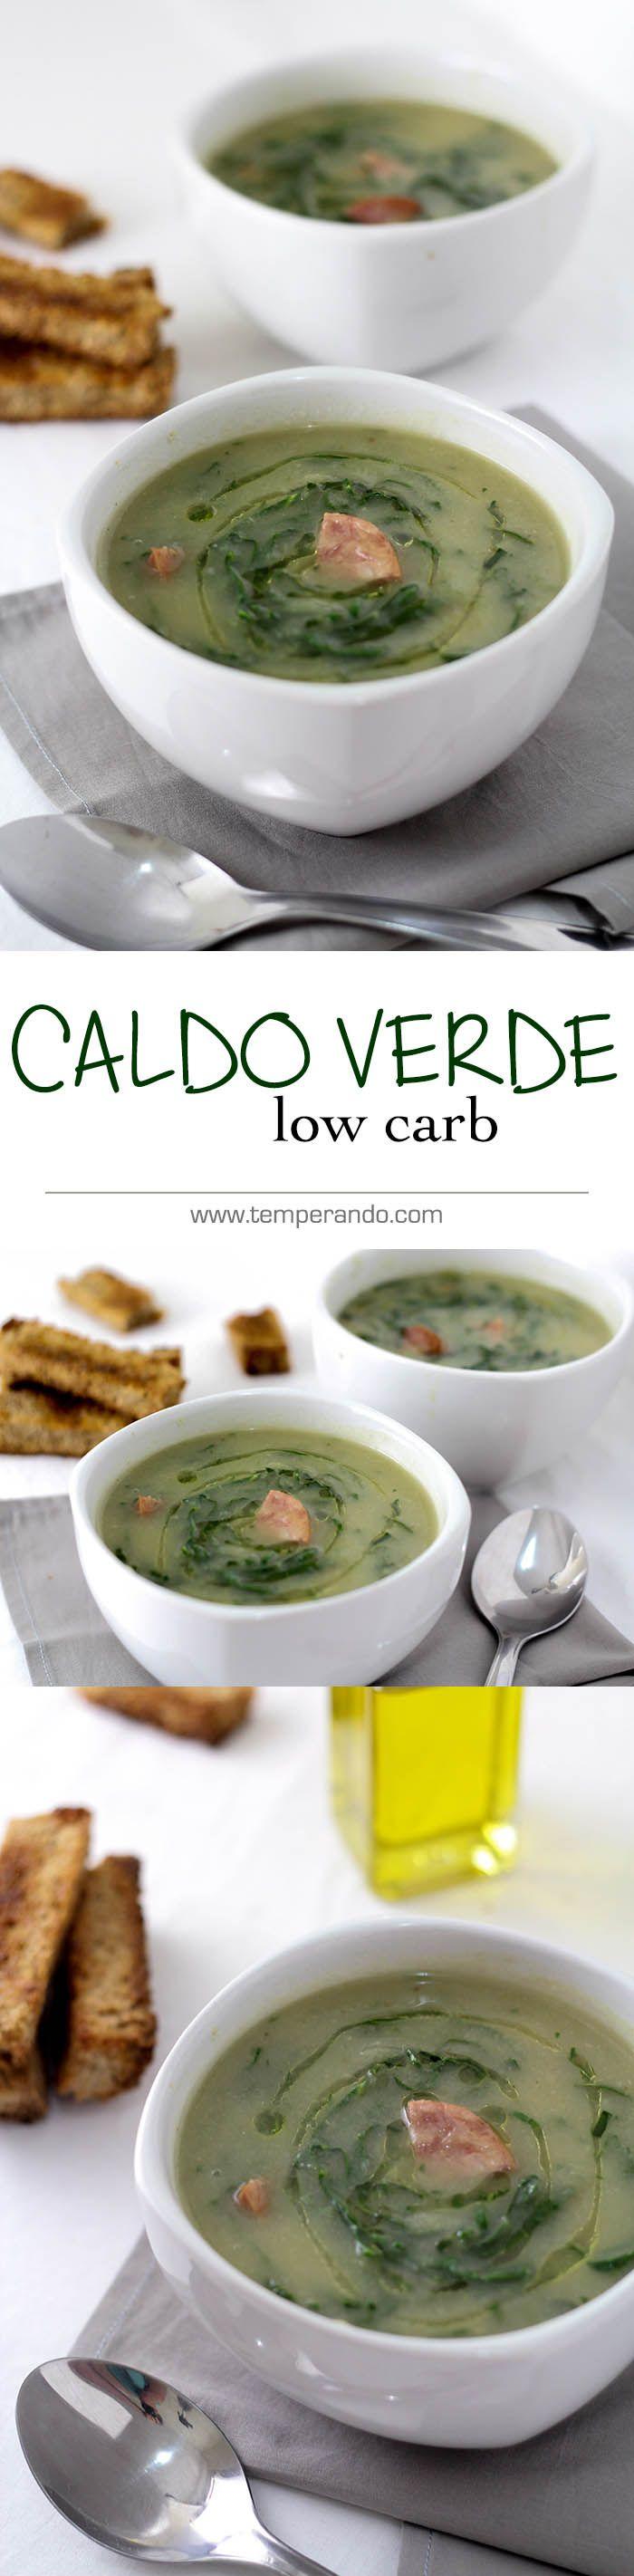 CALDO VERDE - Receita deliciosa de caldo verde  1 colher (sopa) de gordura da sua preferência (óleo de coco, manteiga ghee, banha) 350 gr de linguiça paio, cortada em cubos médios 1 cebola grande, em cubos médios 3 dentes de alho, picados finamente 1 talo de salsão, picado (opcional) 1 kg de chuchu, descascado e picado grosseiramente 1 litro de caldo de legumes (ou água) 200 gr de couve, picada finamente sal, pimenta e noz moscada a gosto